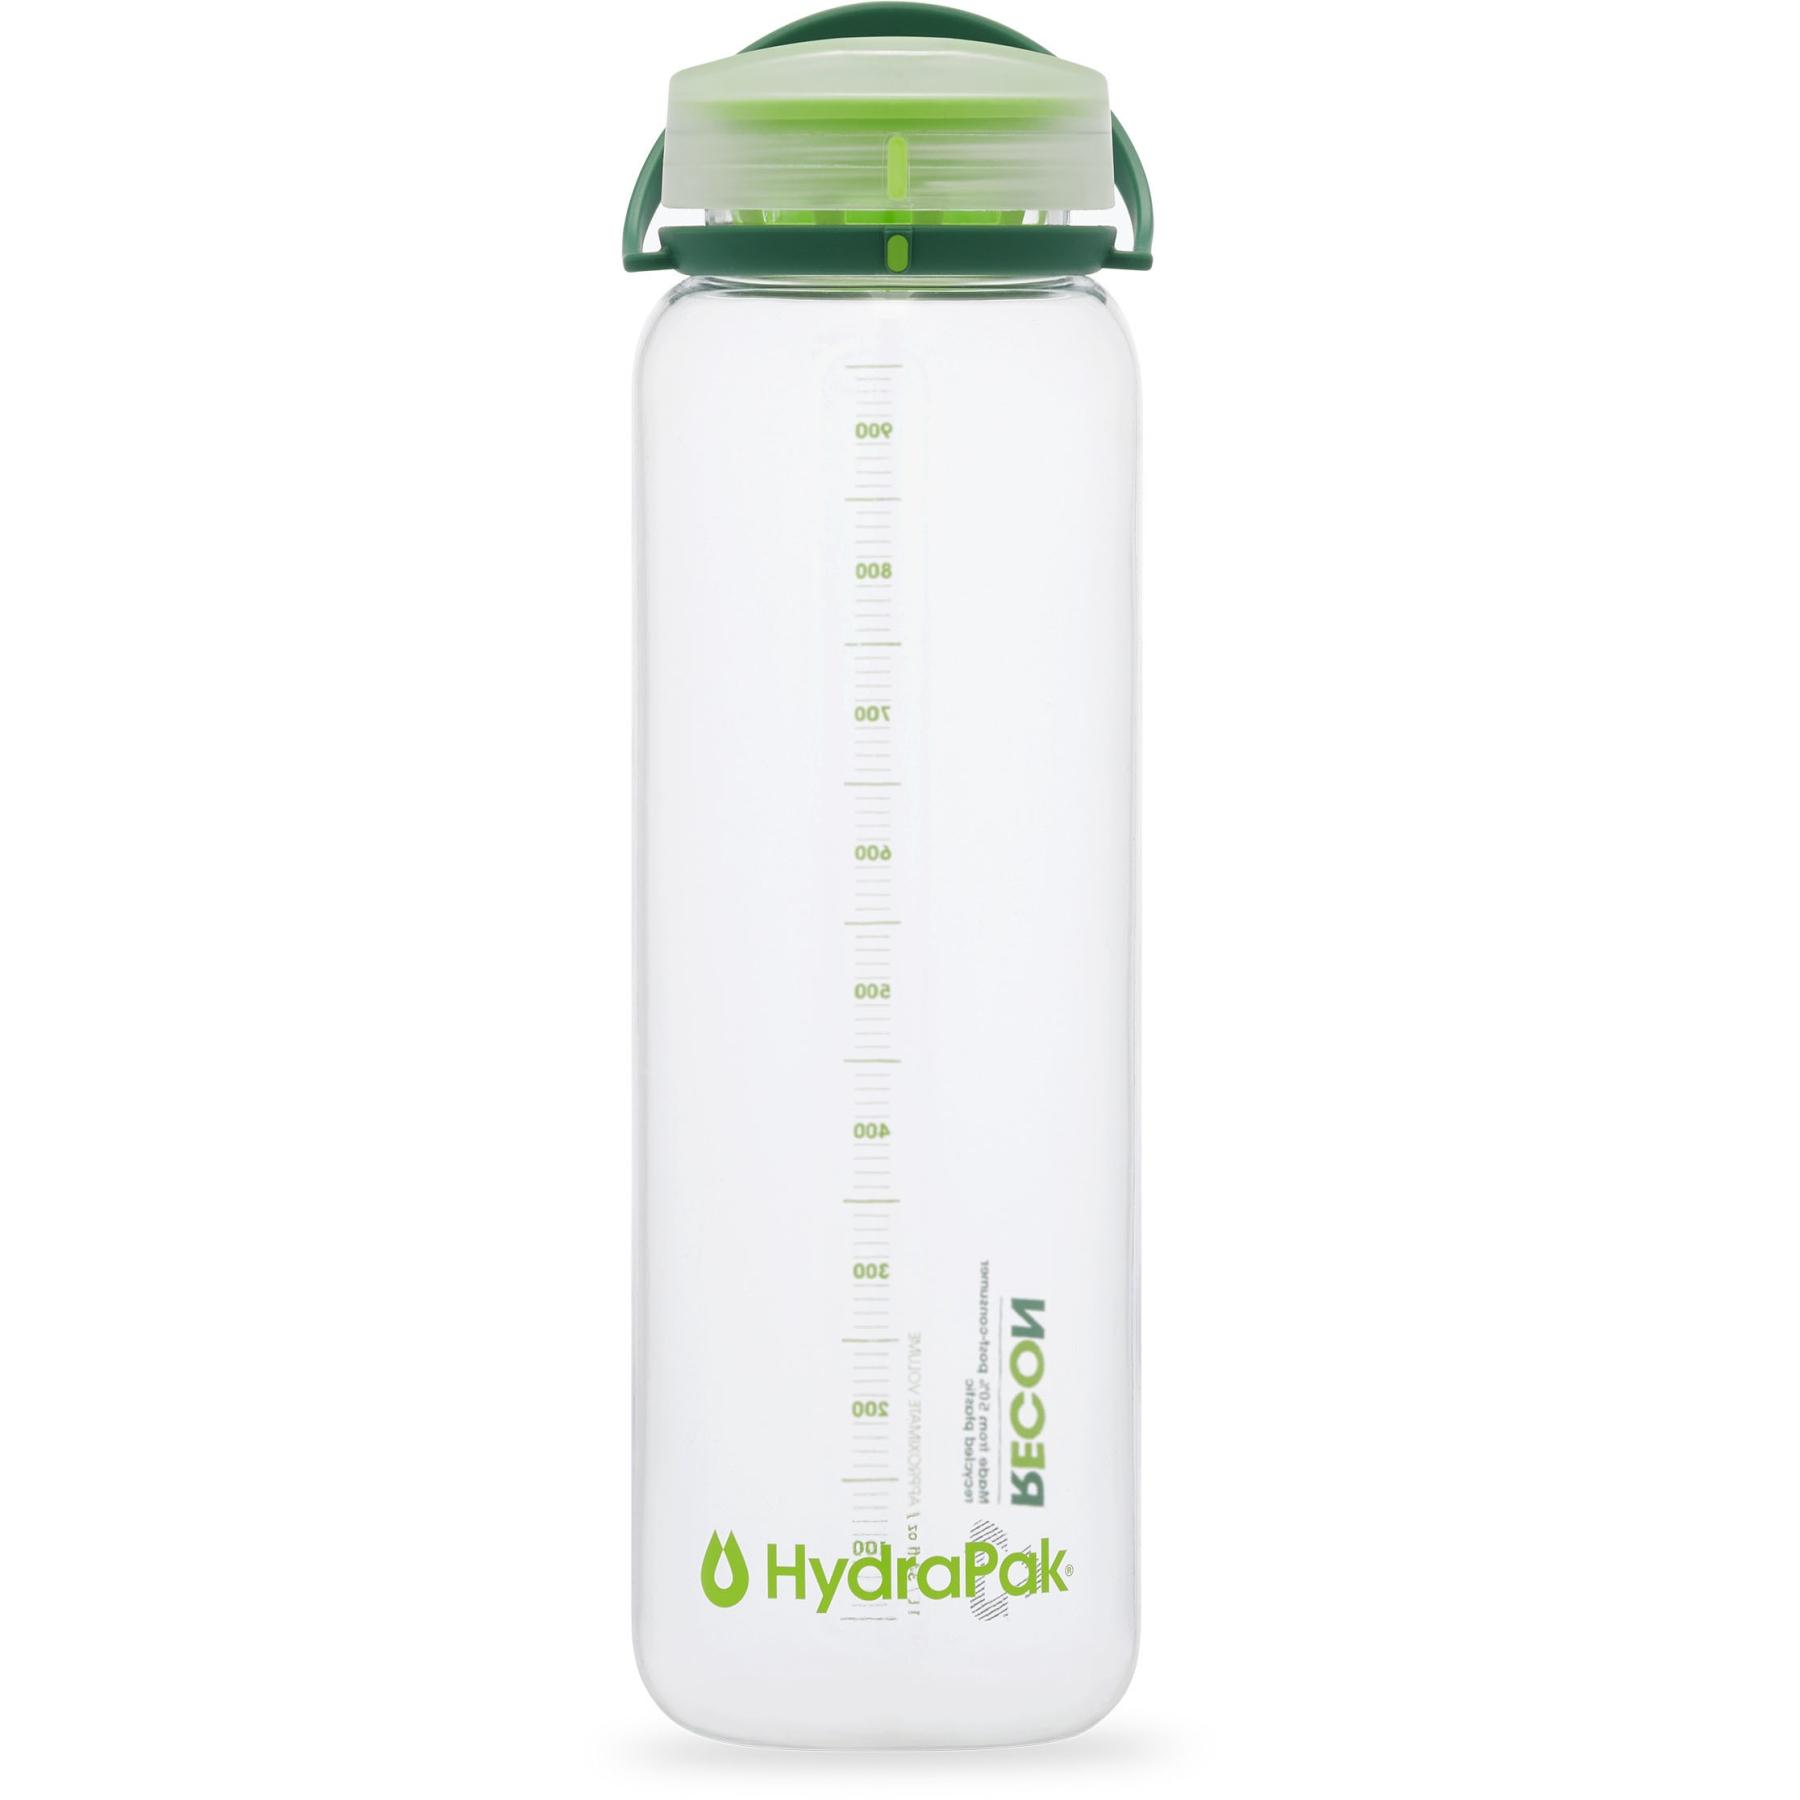 Produktbild von Hydrapak Recon™ 1L Faltflasche - Clear/Evergreen/Lime